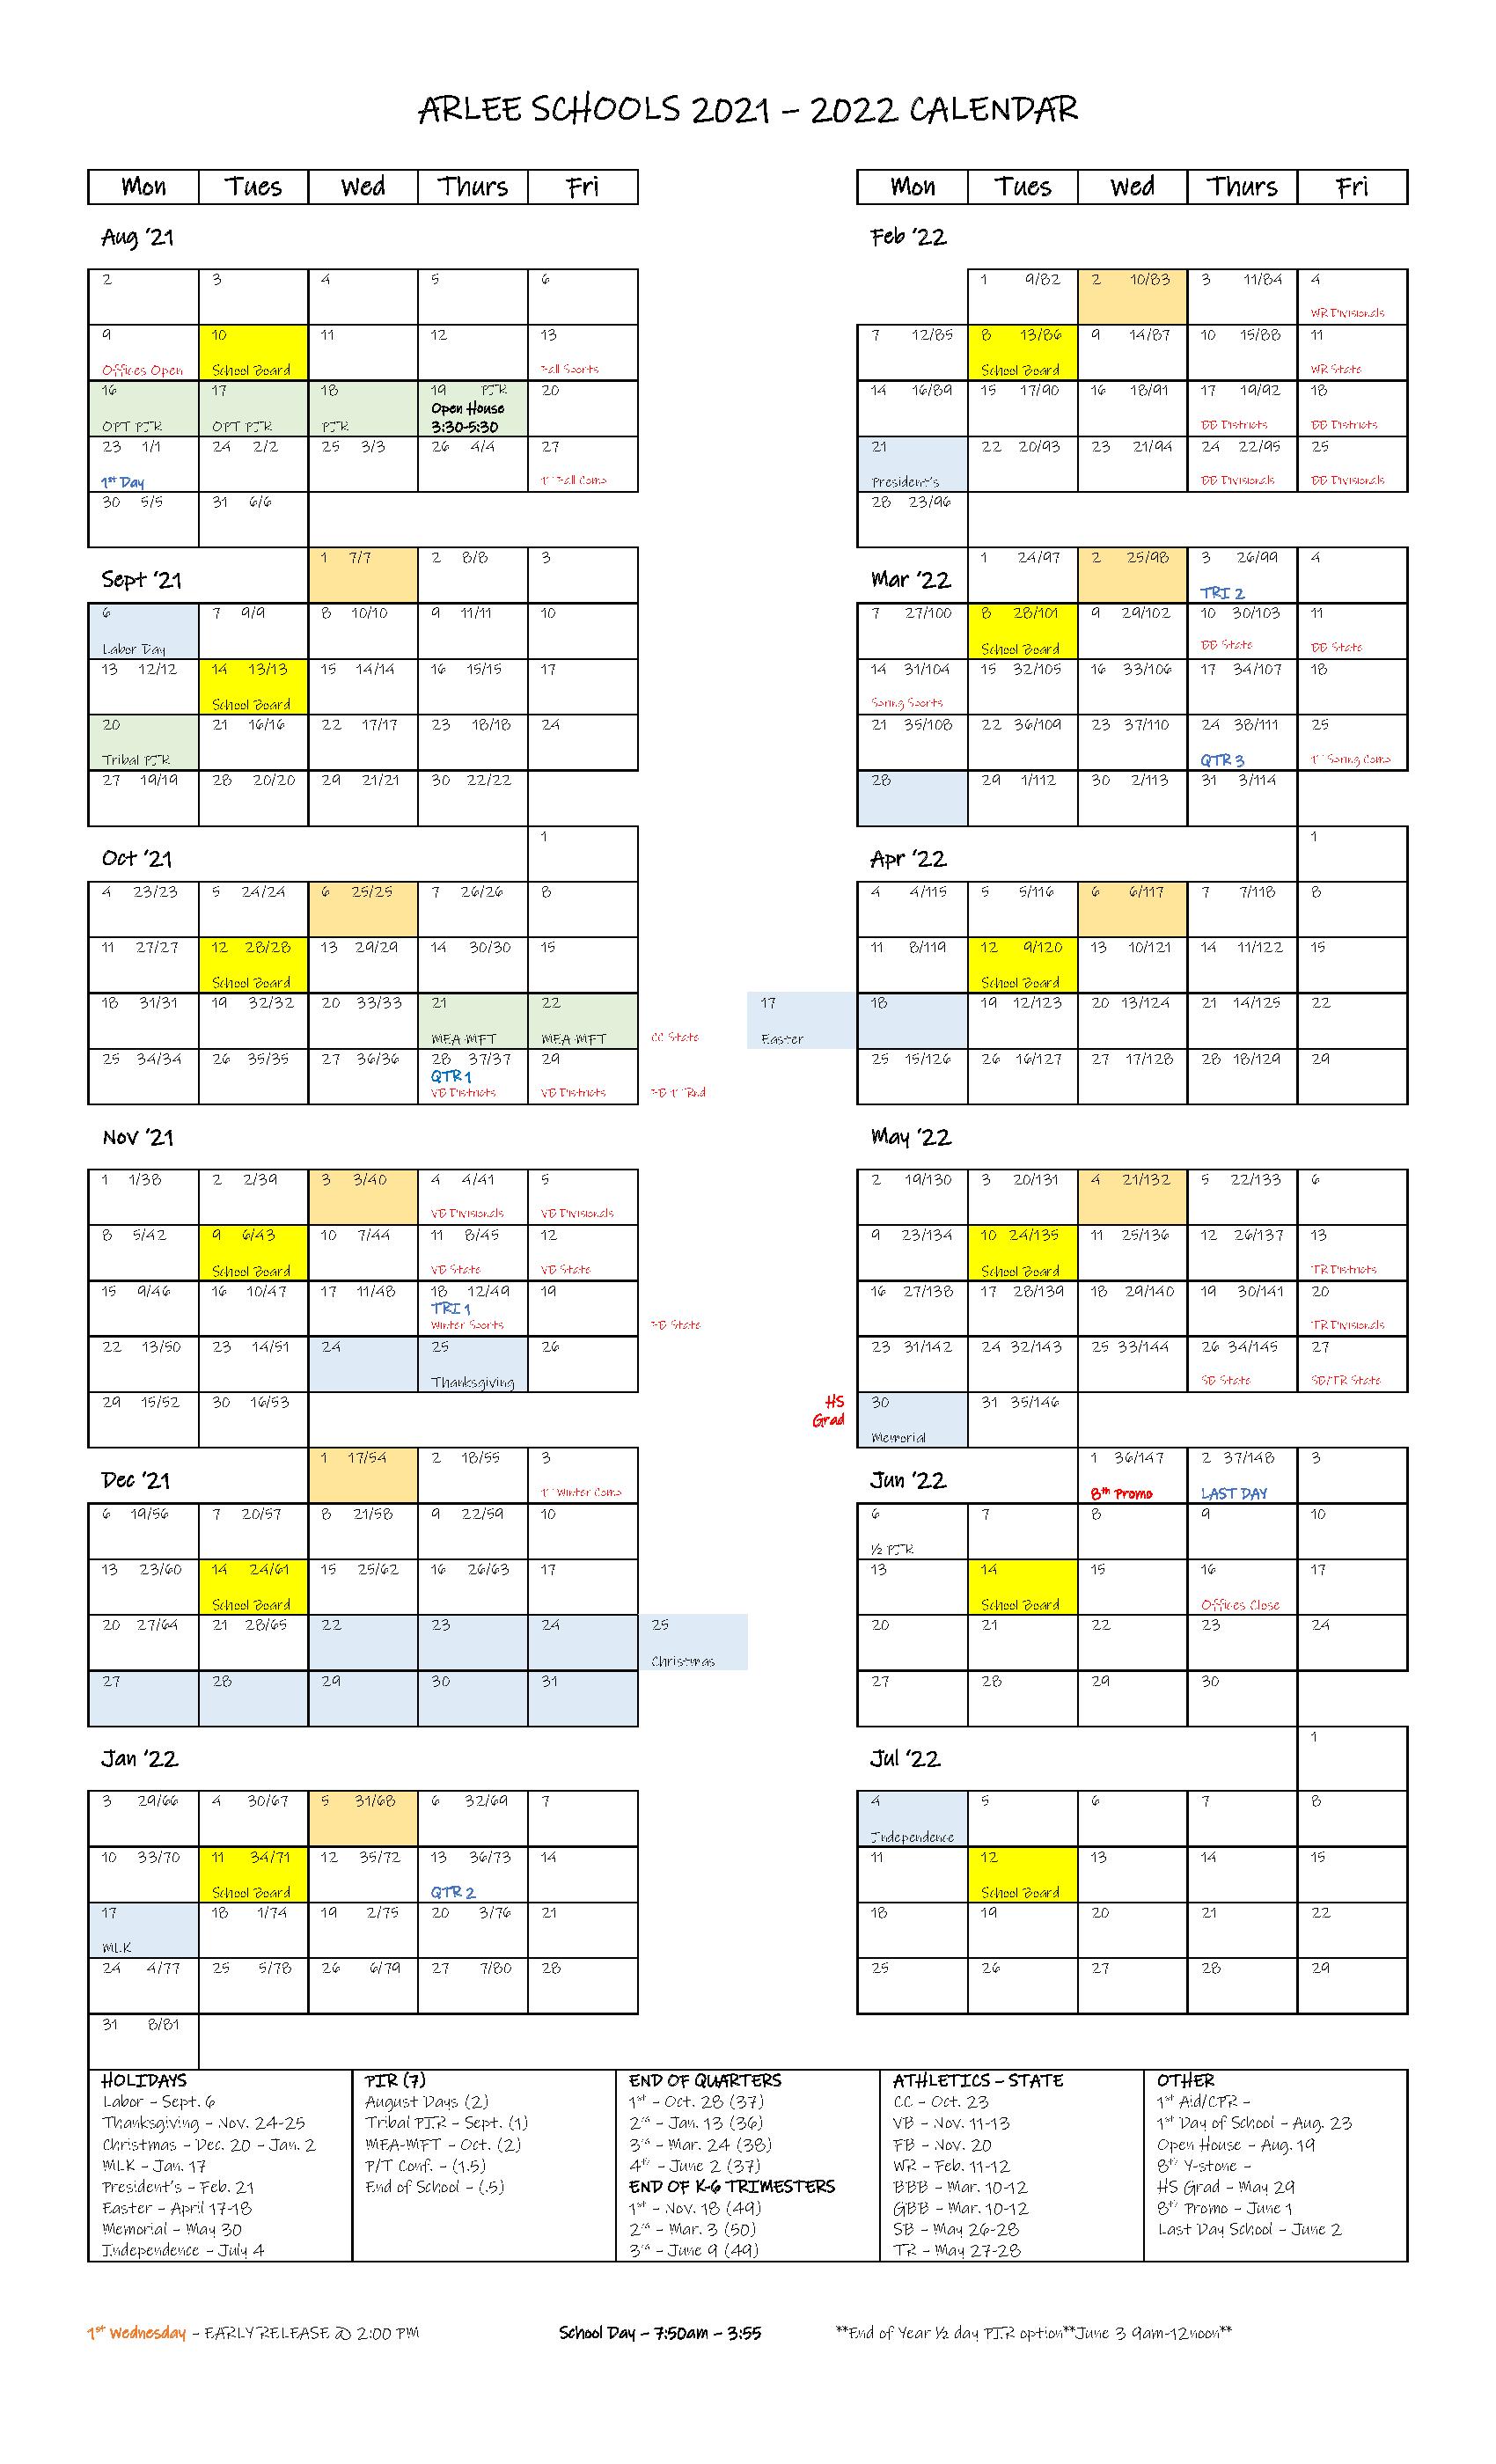 Arlee Schools 2021-2022 Calendar